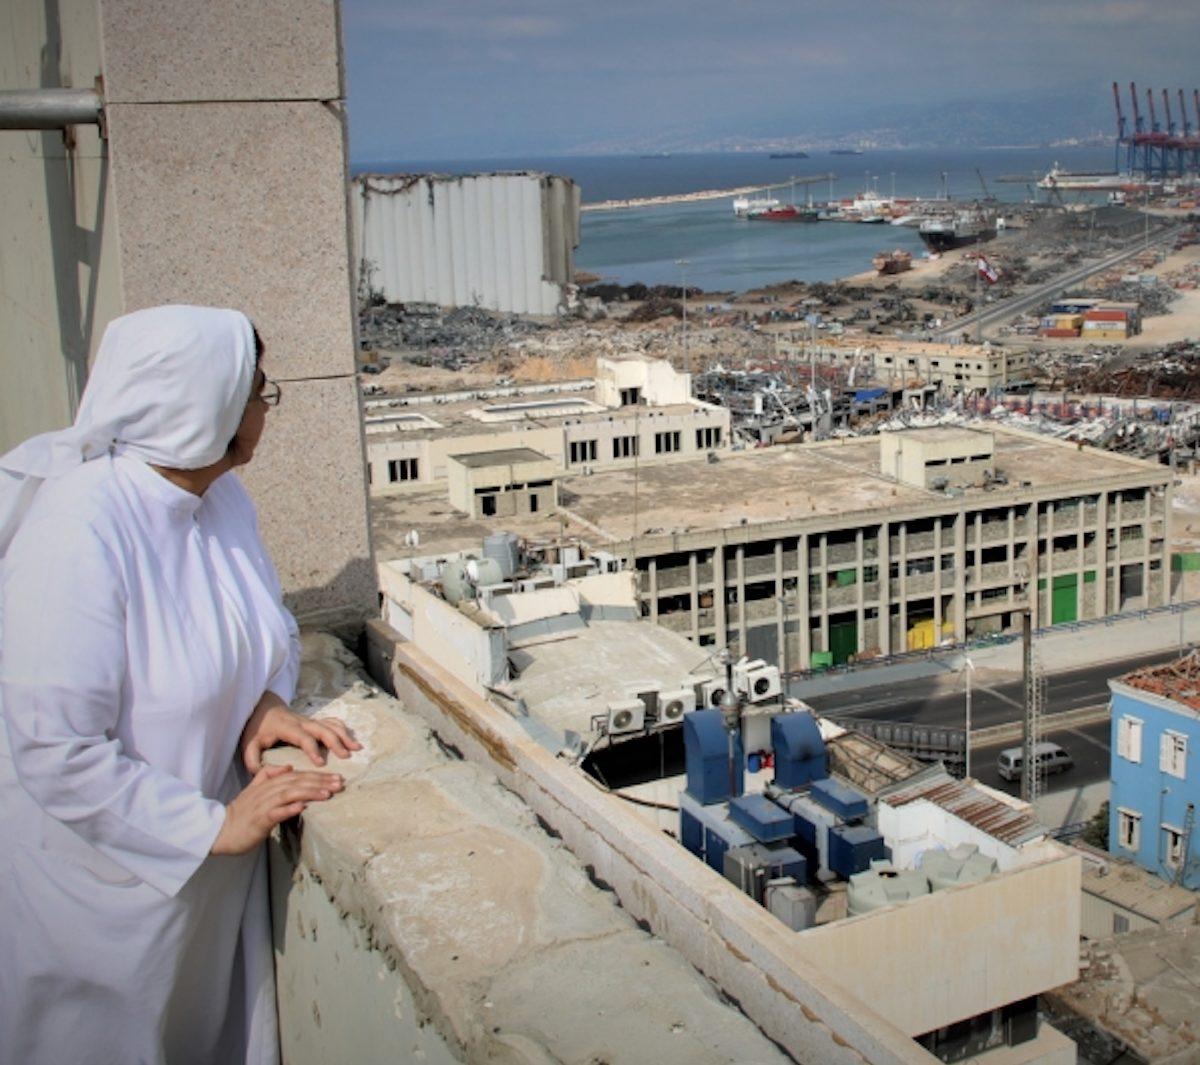 Líbano. Beirute. Explosão Agosto 2020